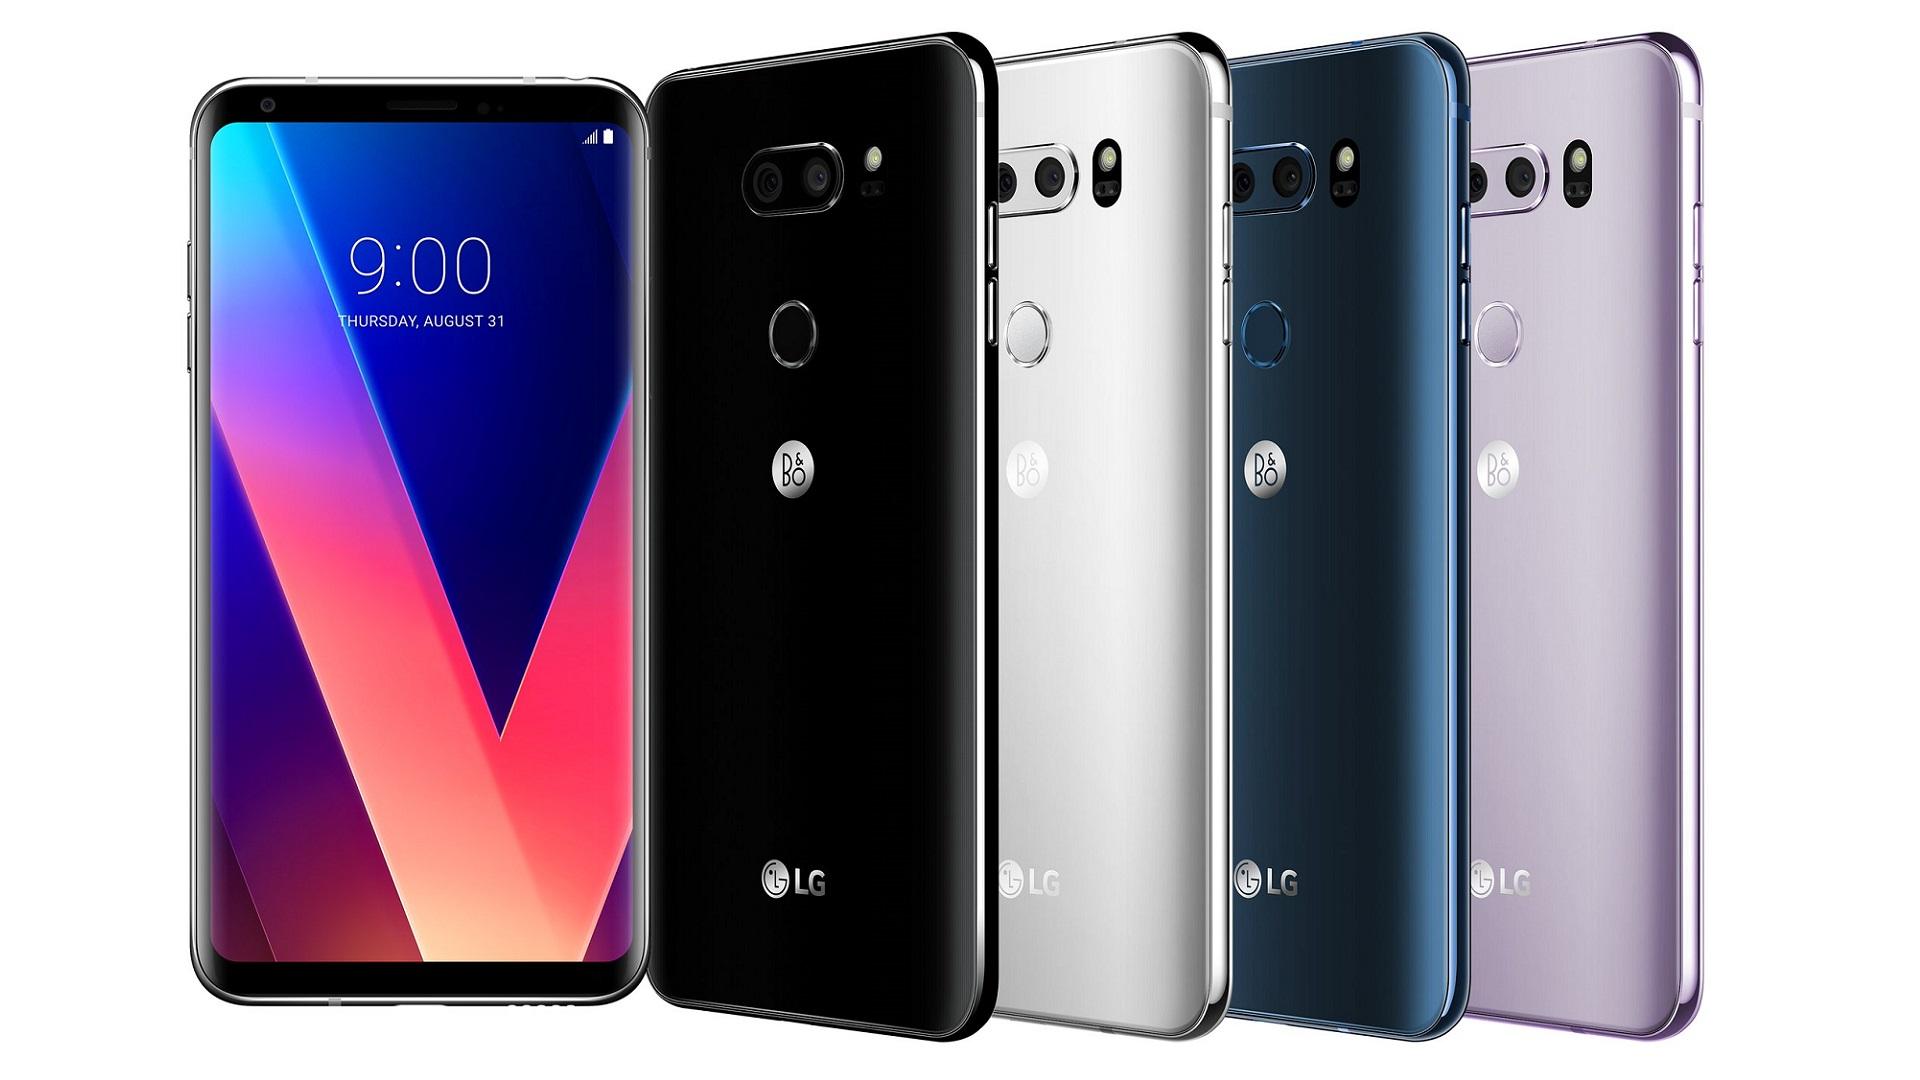 LG V30 iPhone X Killer kommt später als gedacht – wird aber günstiger – GIGA